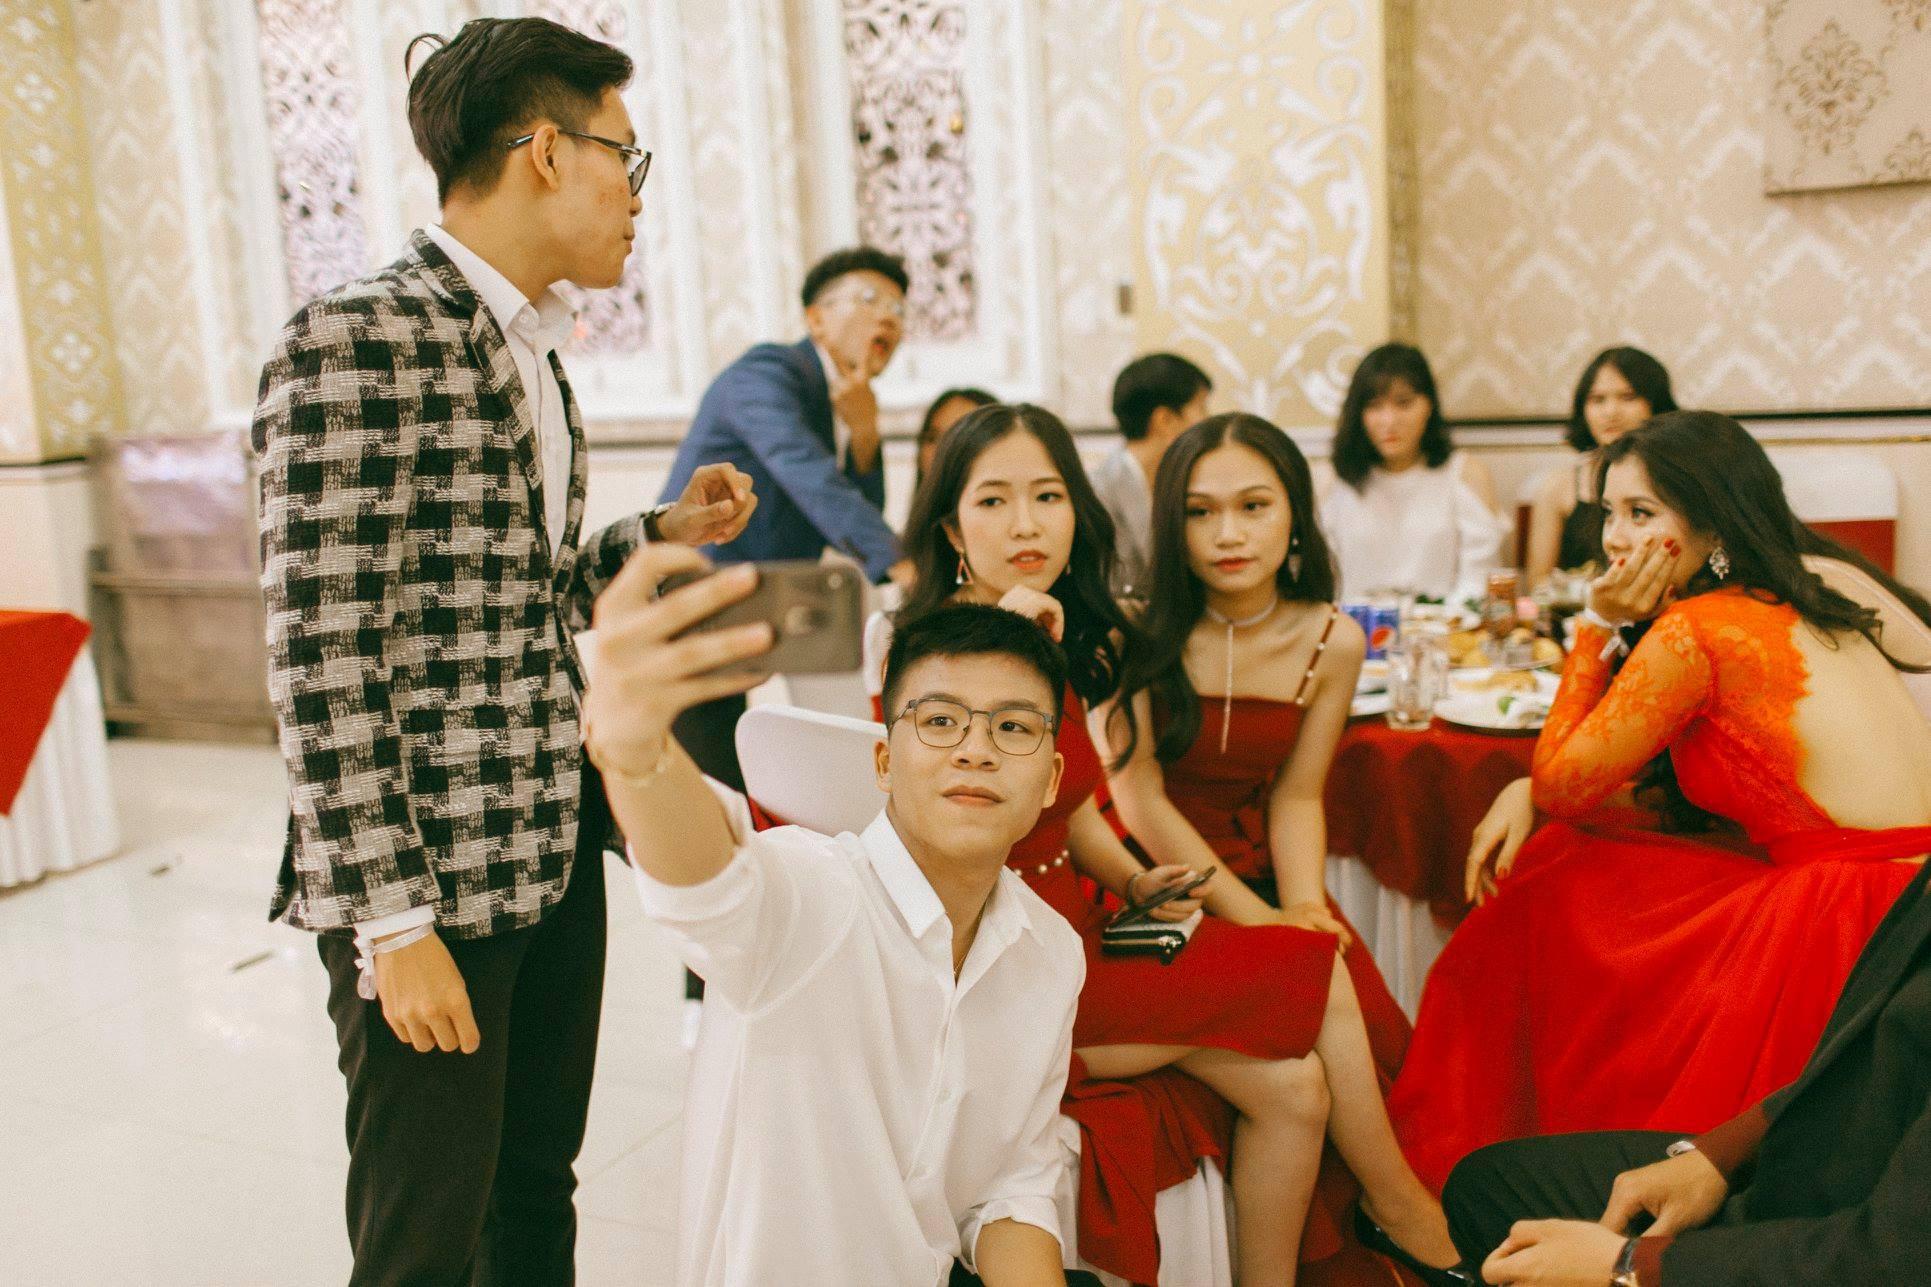 Không chỉ RMIT, trường chuyên phố núi Kon Tum cũng khiến chúng ta đã mắt với dàn trai xinh gái đẹp trong tiệc prom - Ảnh 12.